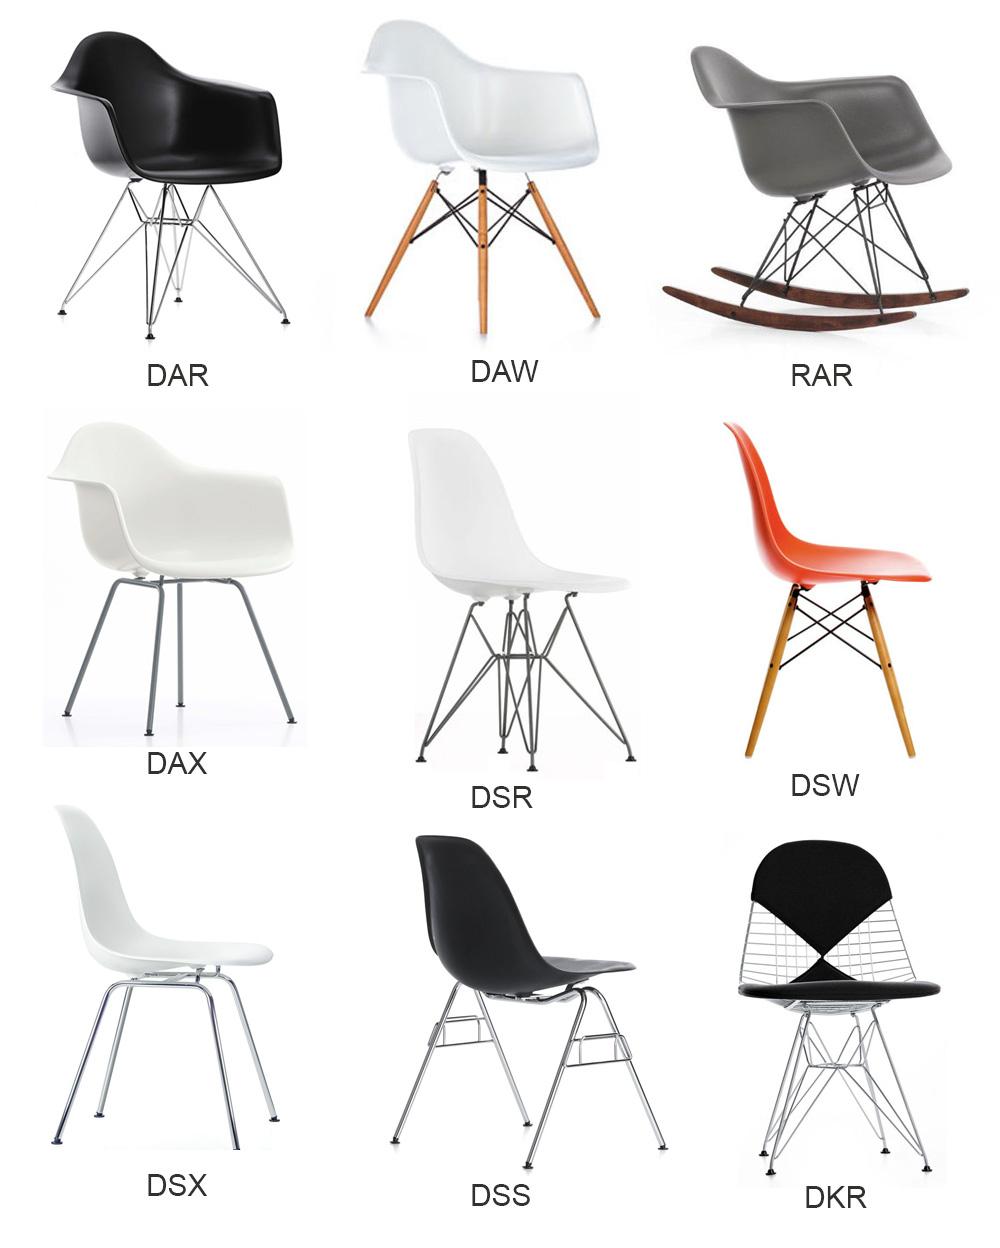 Chaise Eames : Laquelle Choisir Et Où L'acheter ? pour Chaise Eames Pas Cher